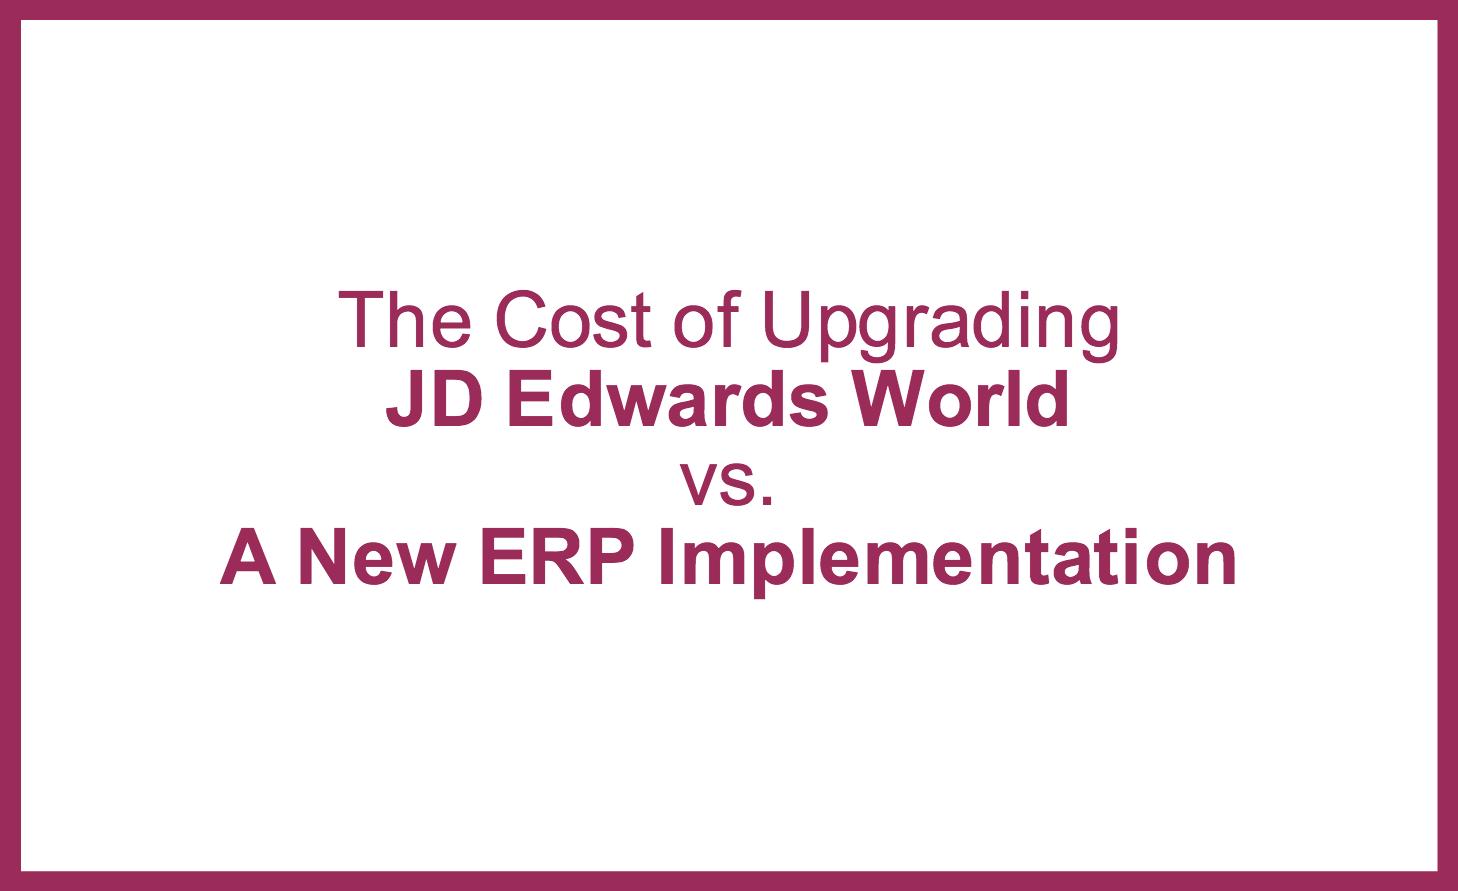 World_Upgrade_Cost